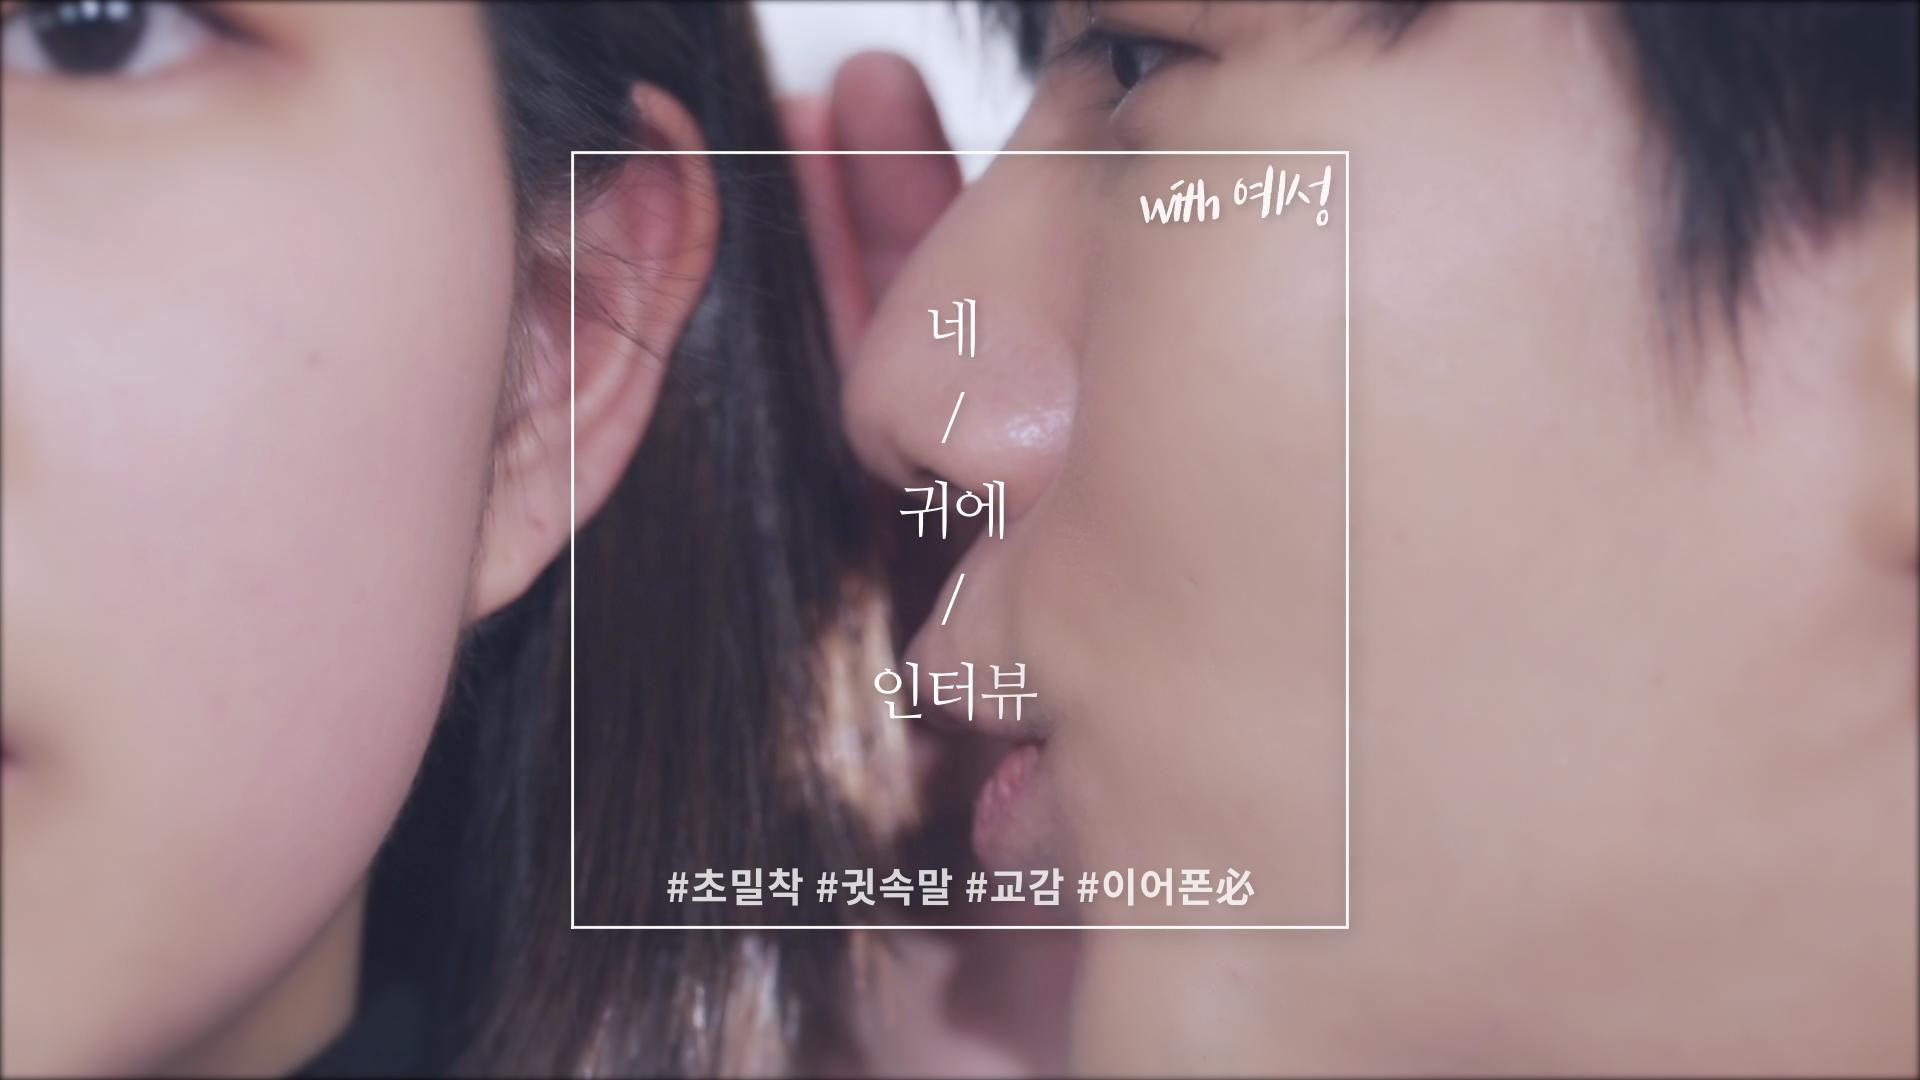 [네 귀에 인터뷰] 예성의 아찔한 귀호강 인터뷰 (YESUNG's Thrilling Interview In Your Ear)